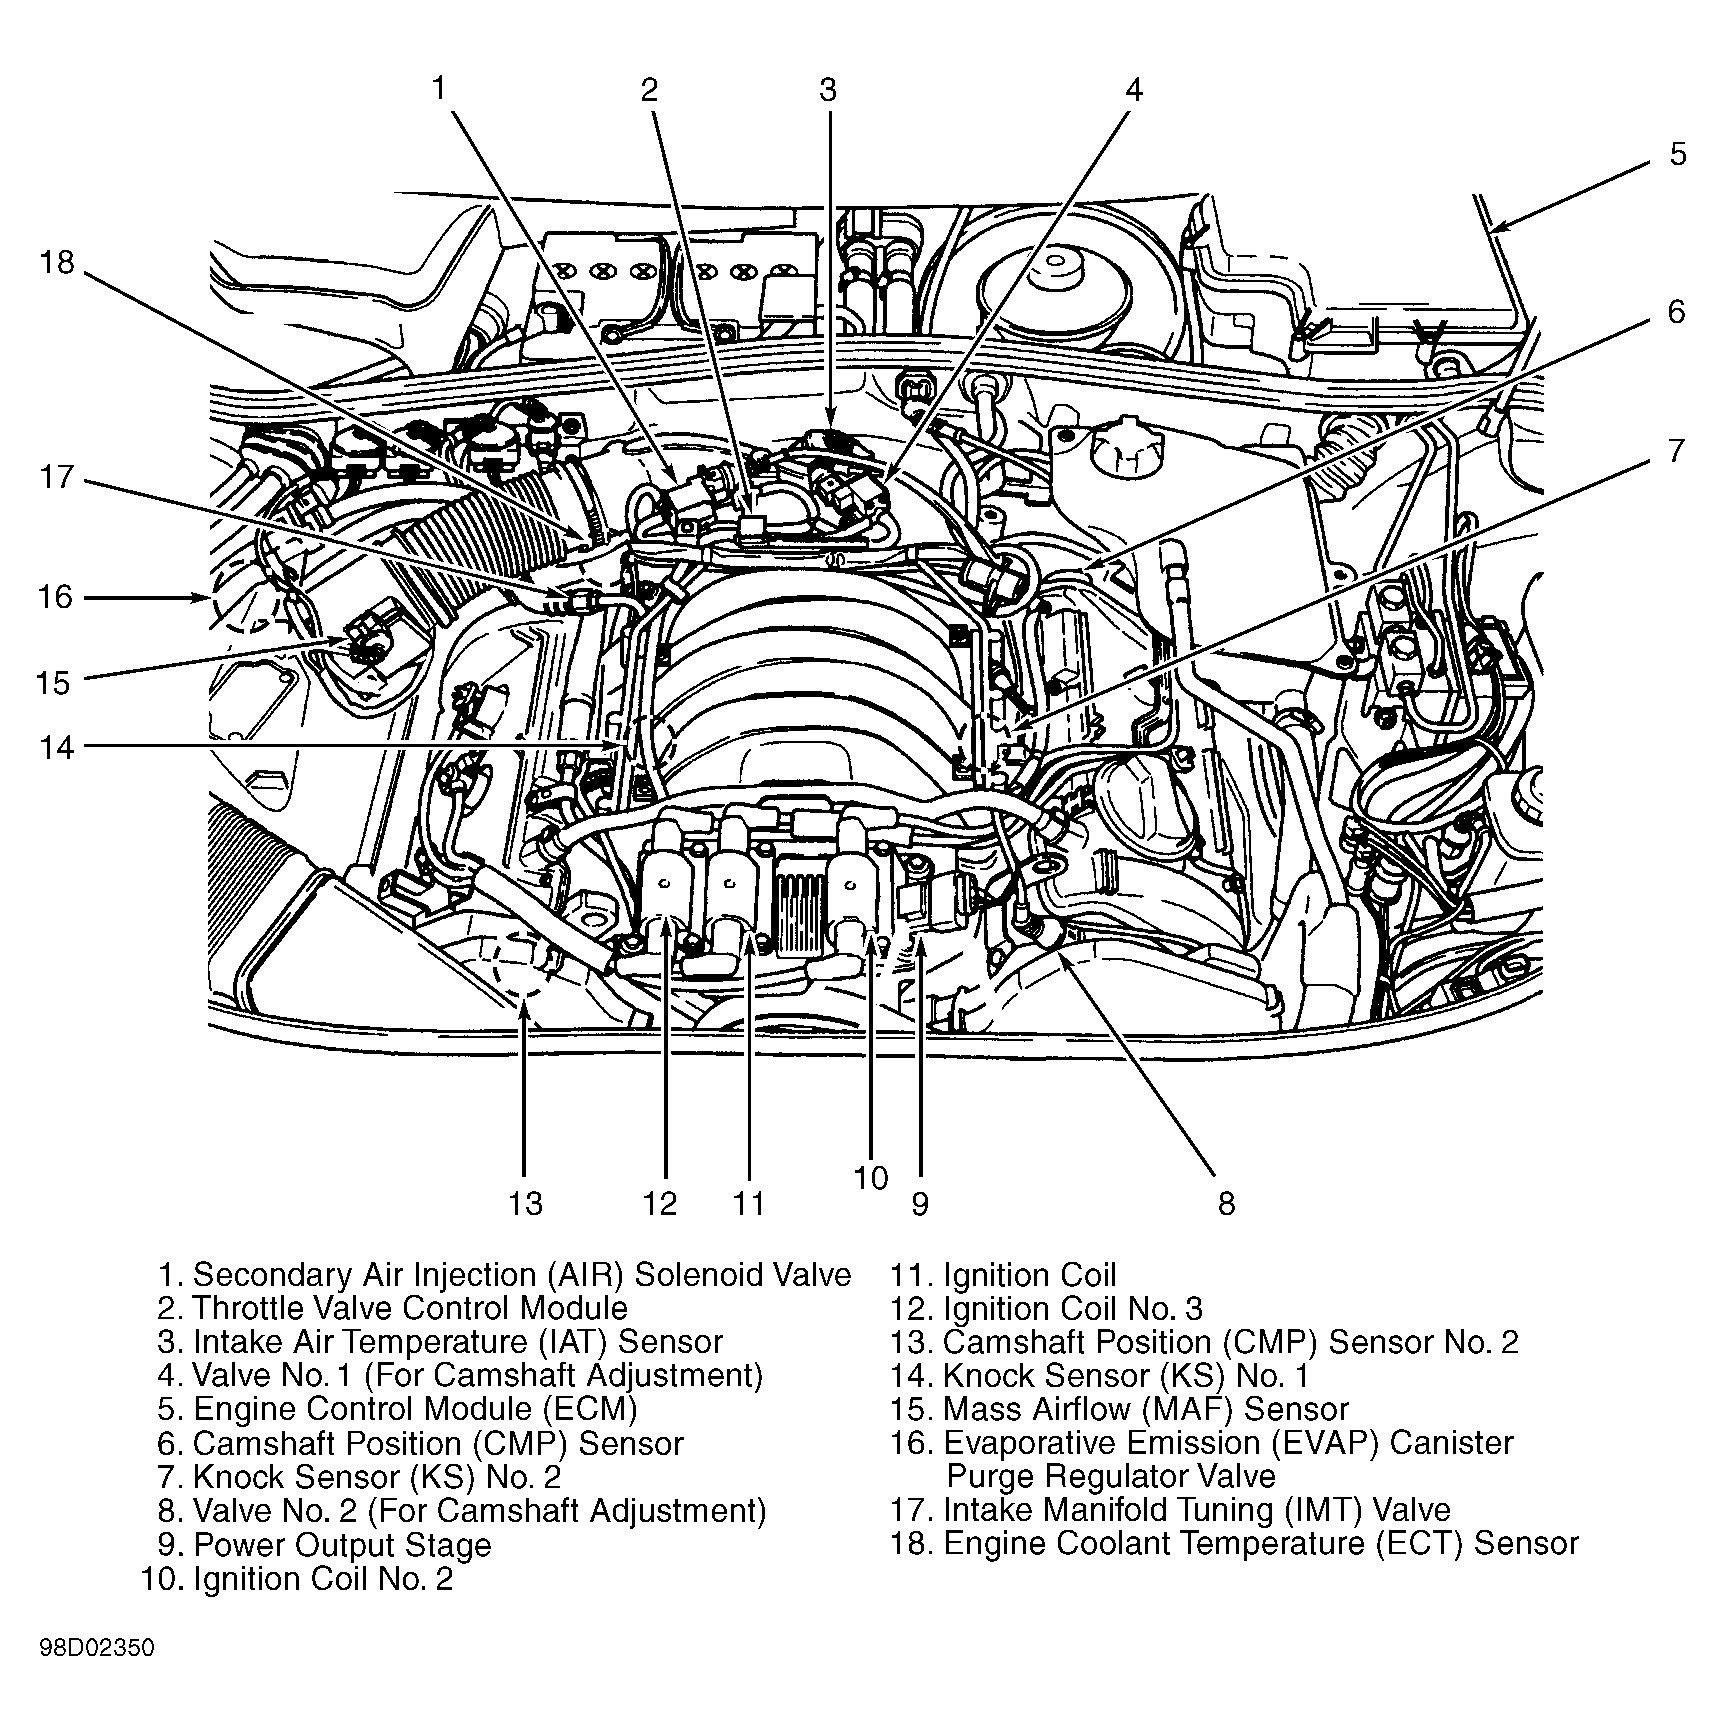 2000 Dodge Intrepid 2 7 Engine Diagram 2 2005 Dodge Charger Engine Diagram Wiring Diagram Schema